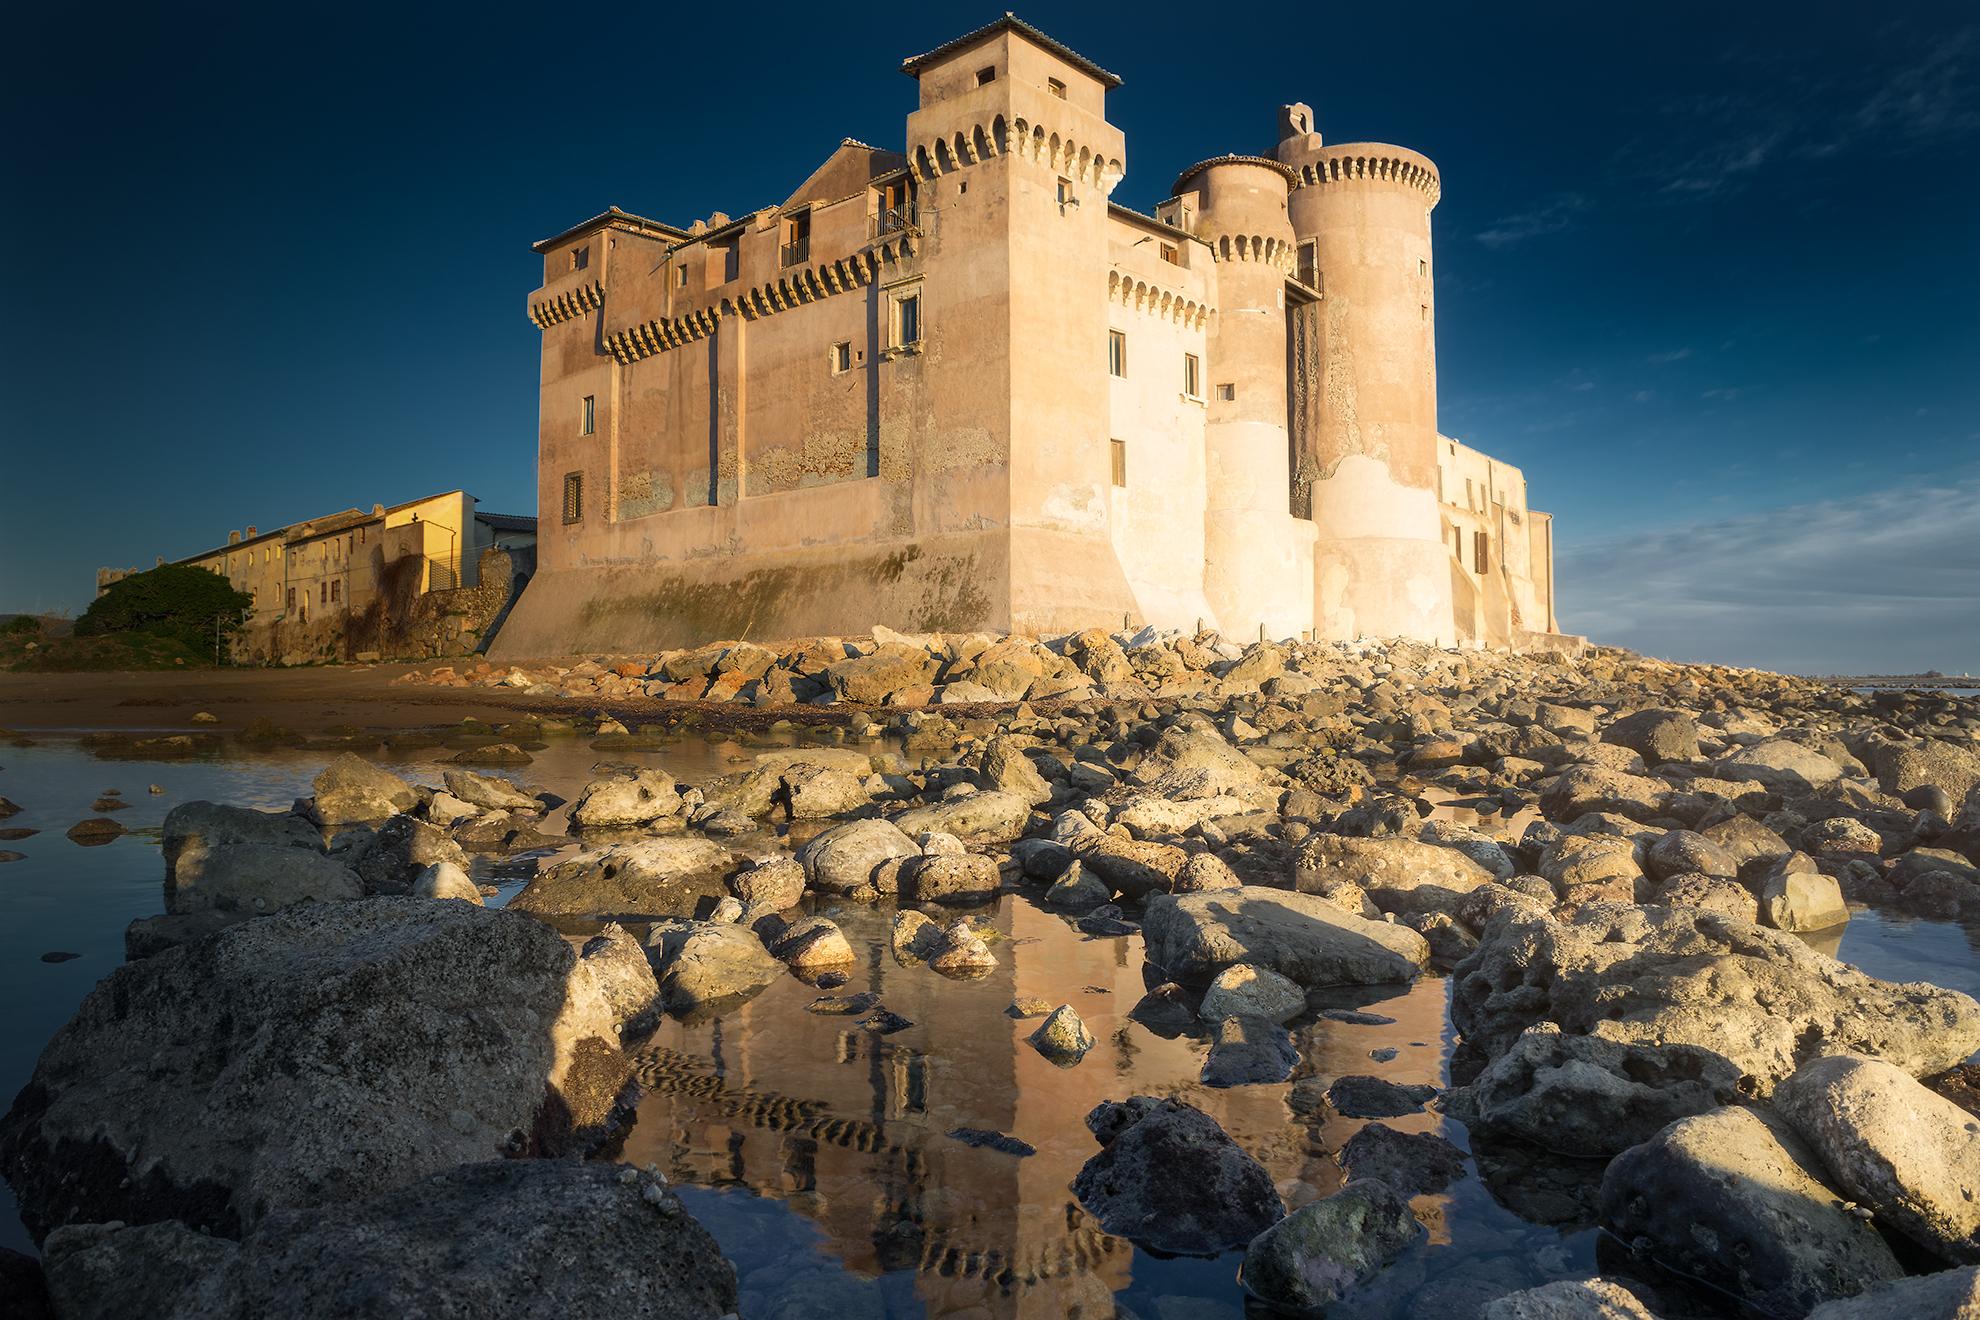 The Castle of Santa Severa...